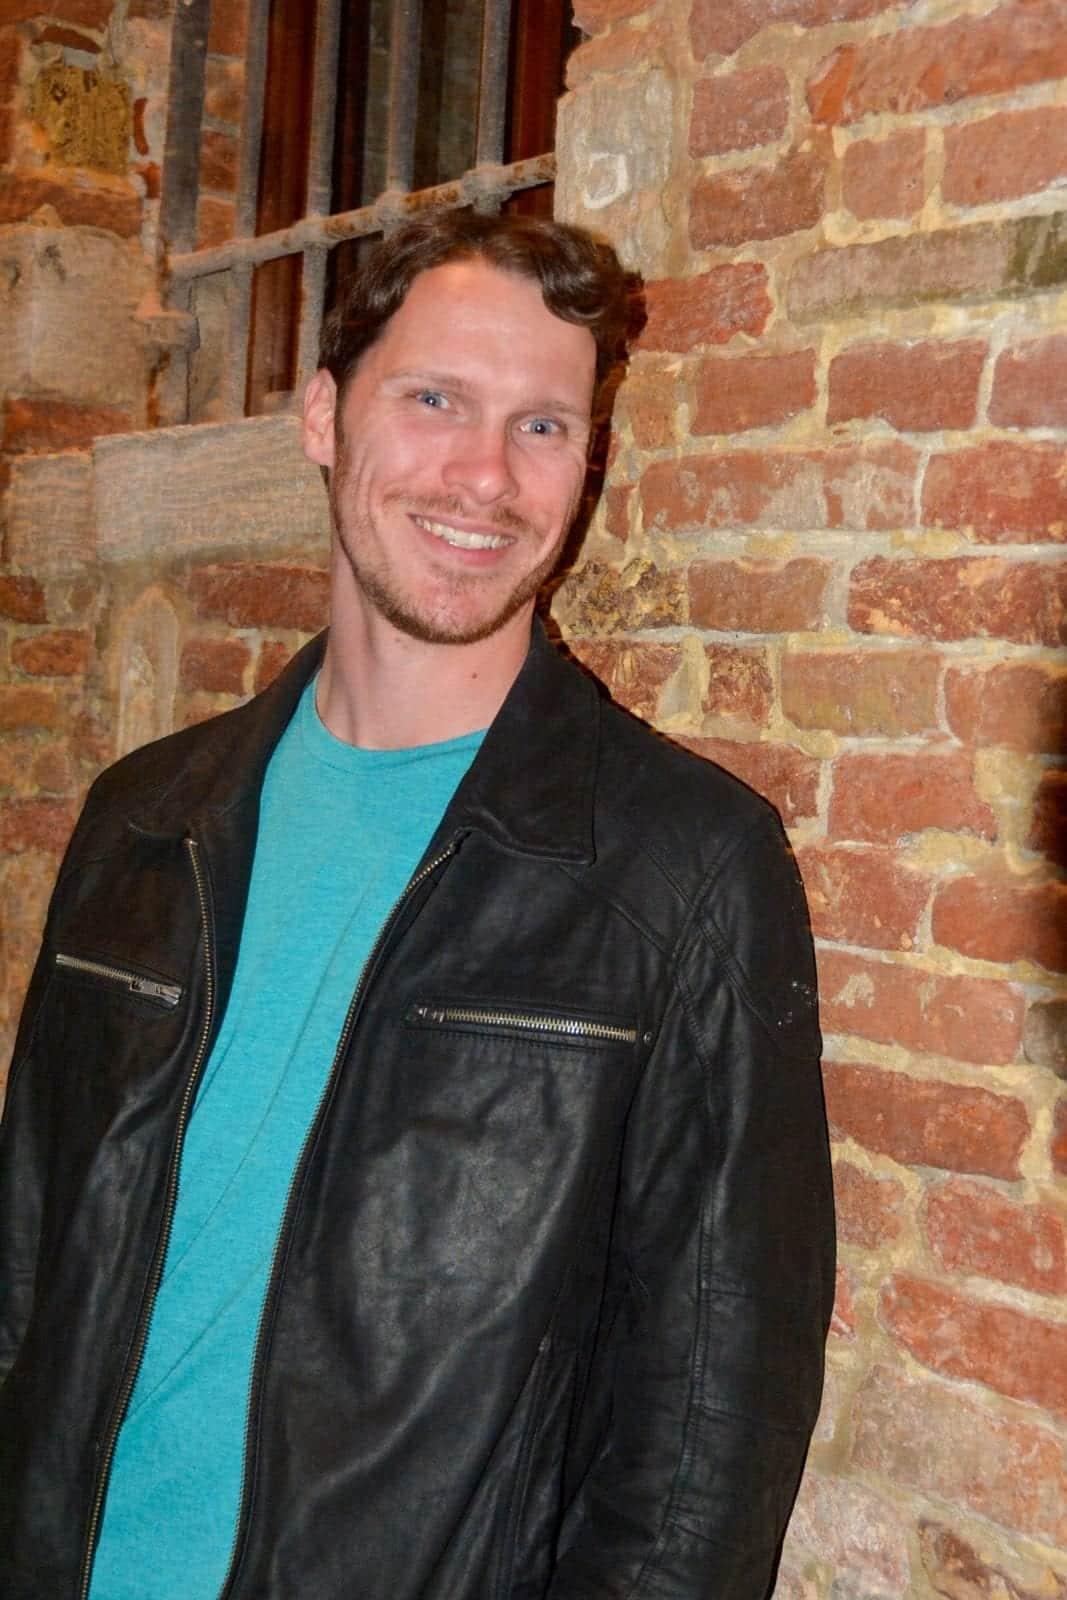 Ryan in Venice